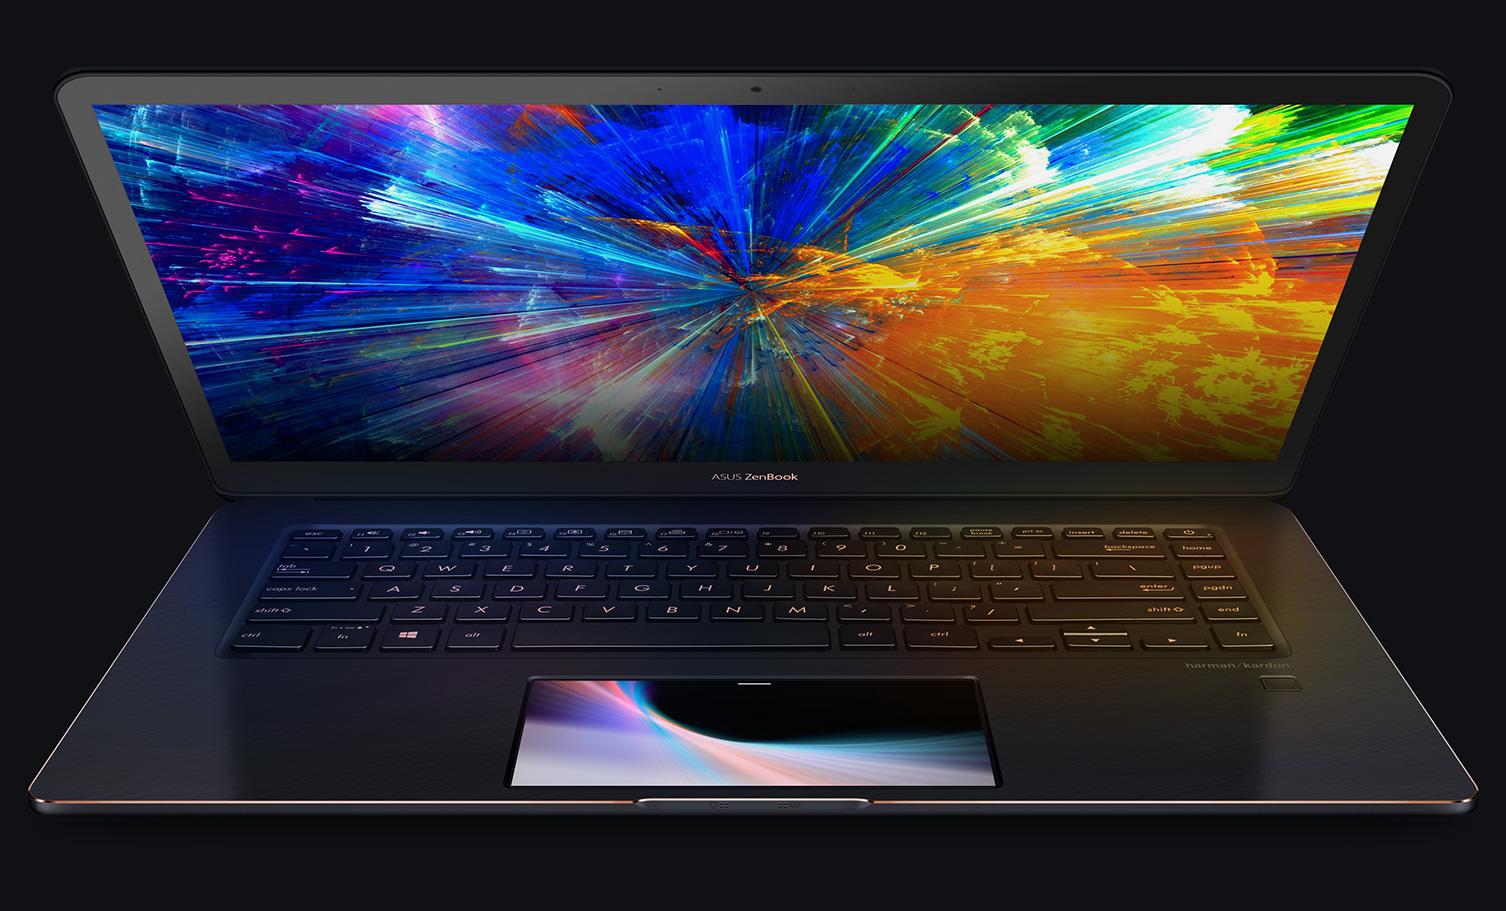 ZenBook UX580